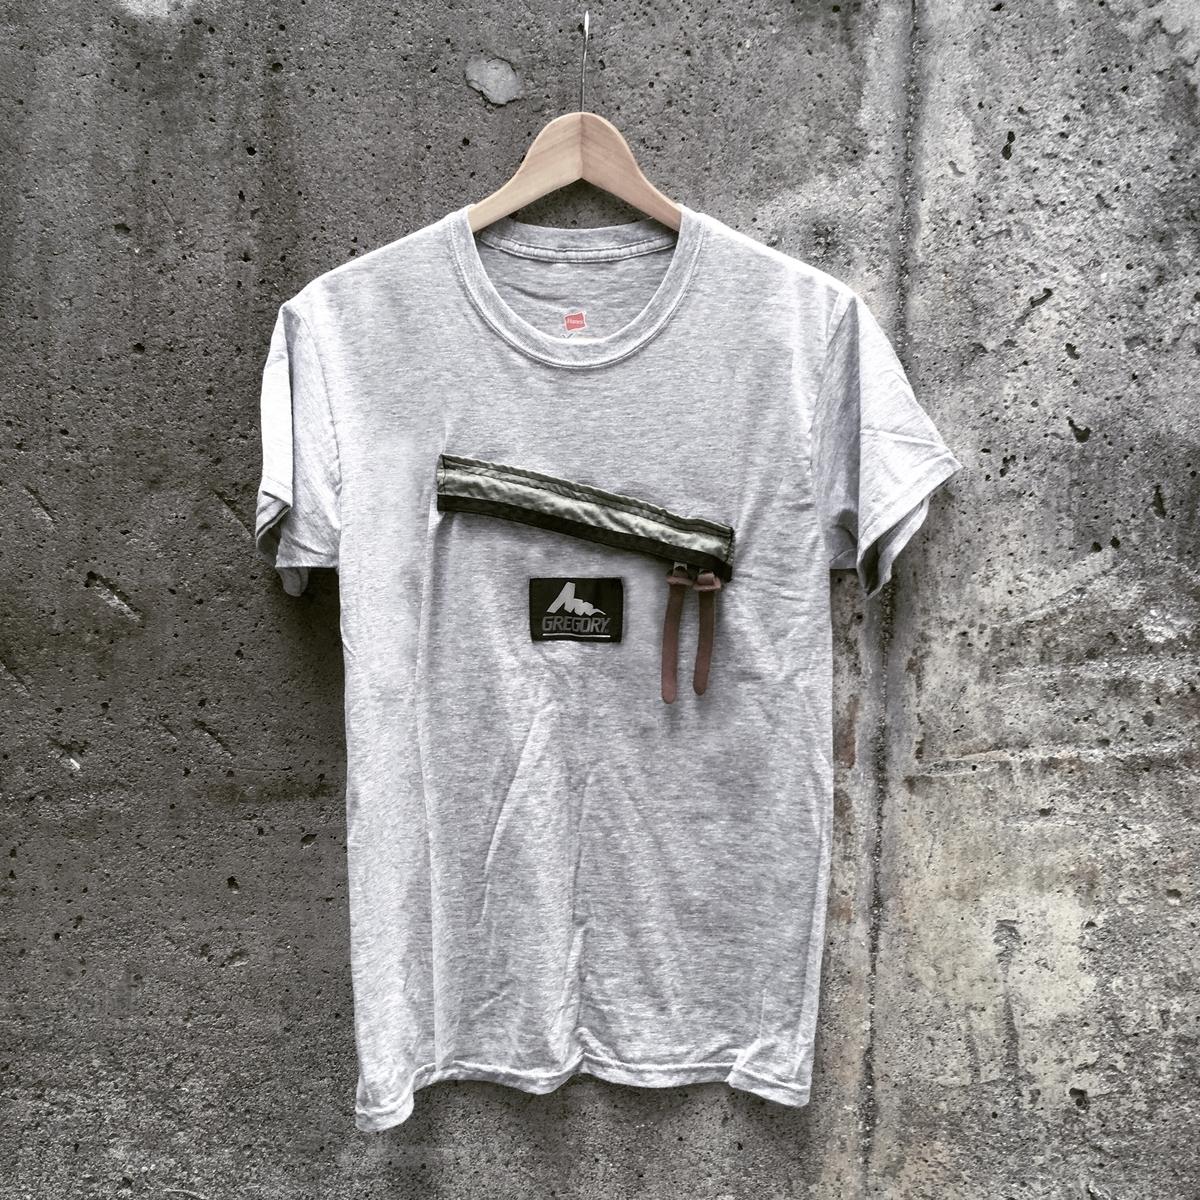 グレゴリー デイパック Tシャツ